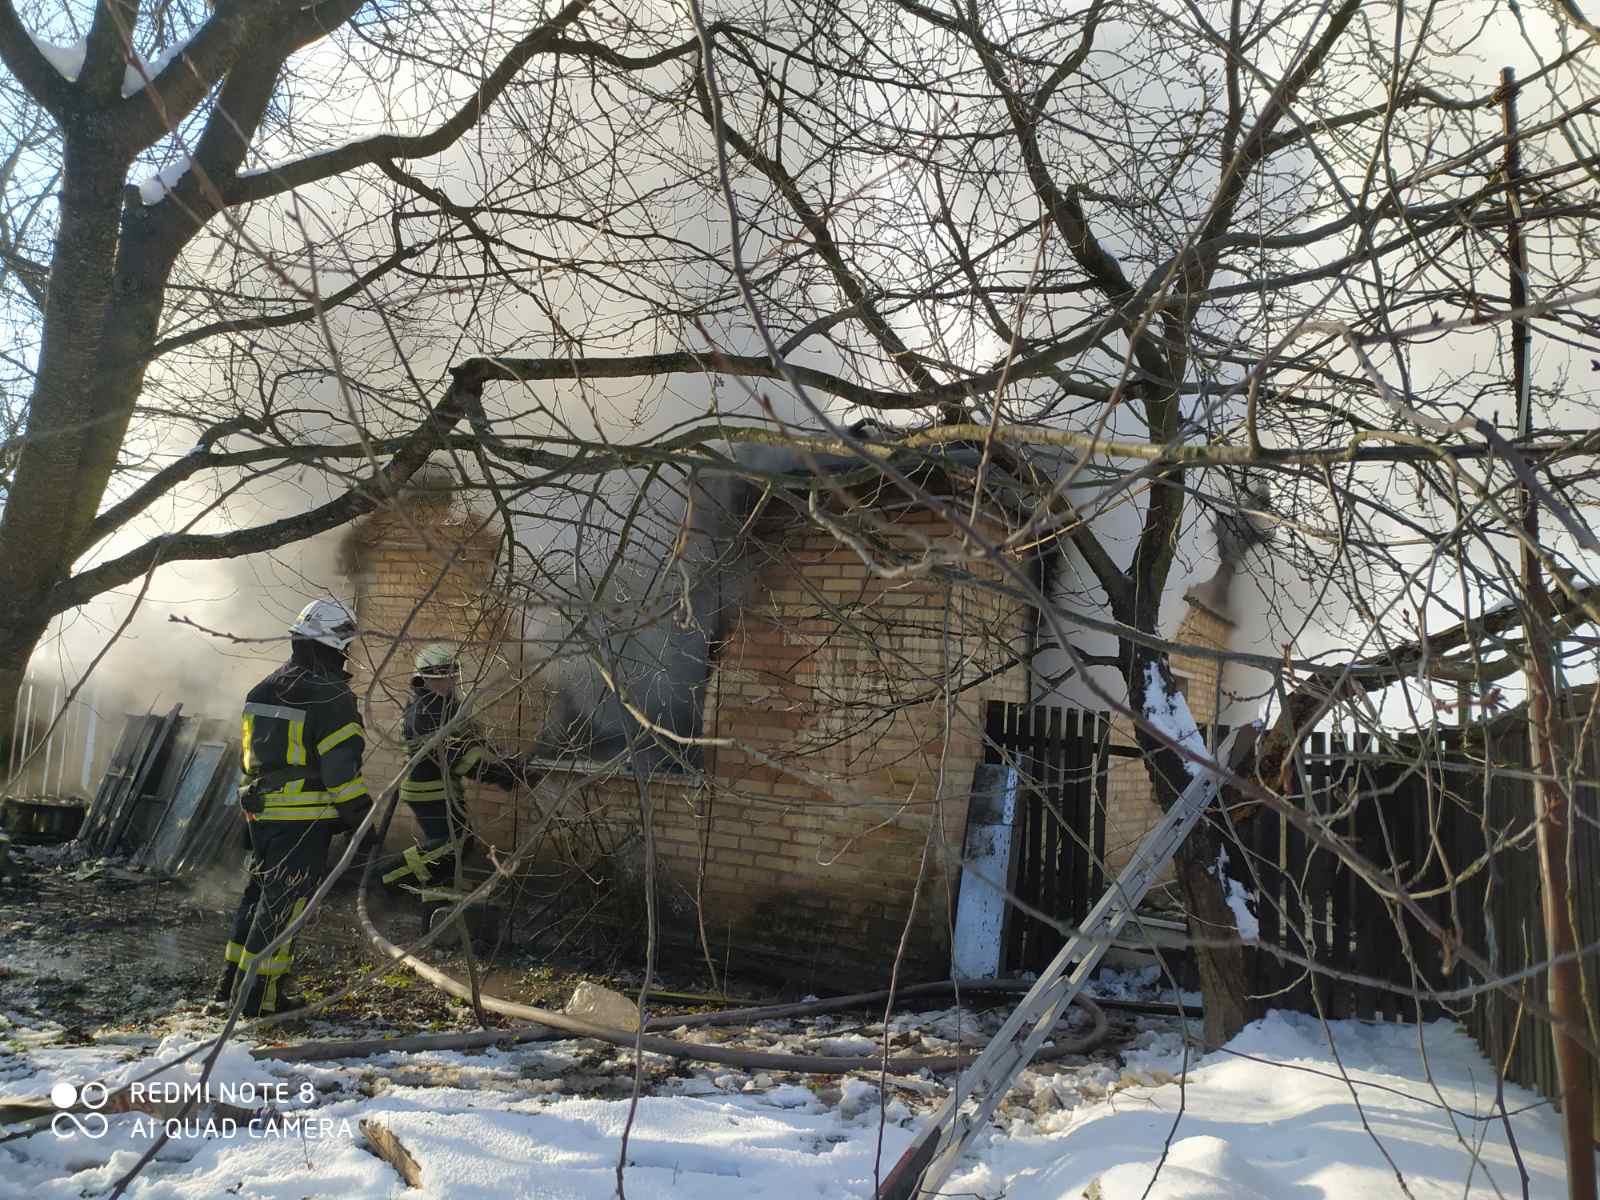 У Бузовій – пожежа: загинула жінка - рятувальники, пожежа будинку, київщина, загинула людина, Дмитрівка, Бузова - Buzova 1